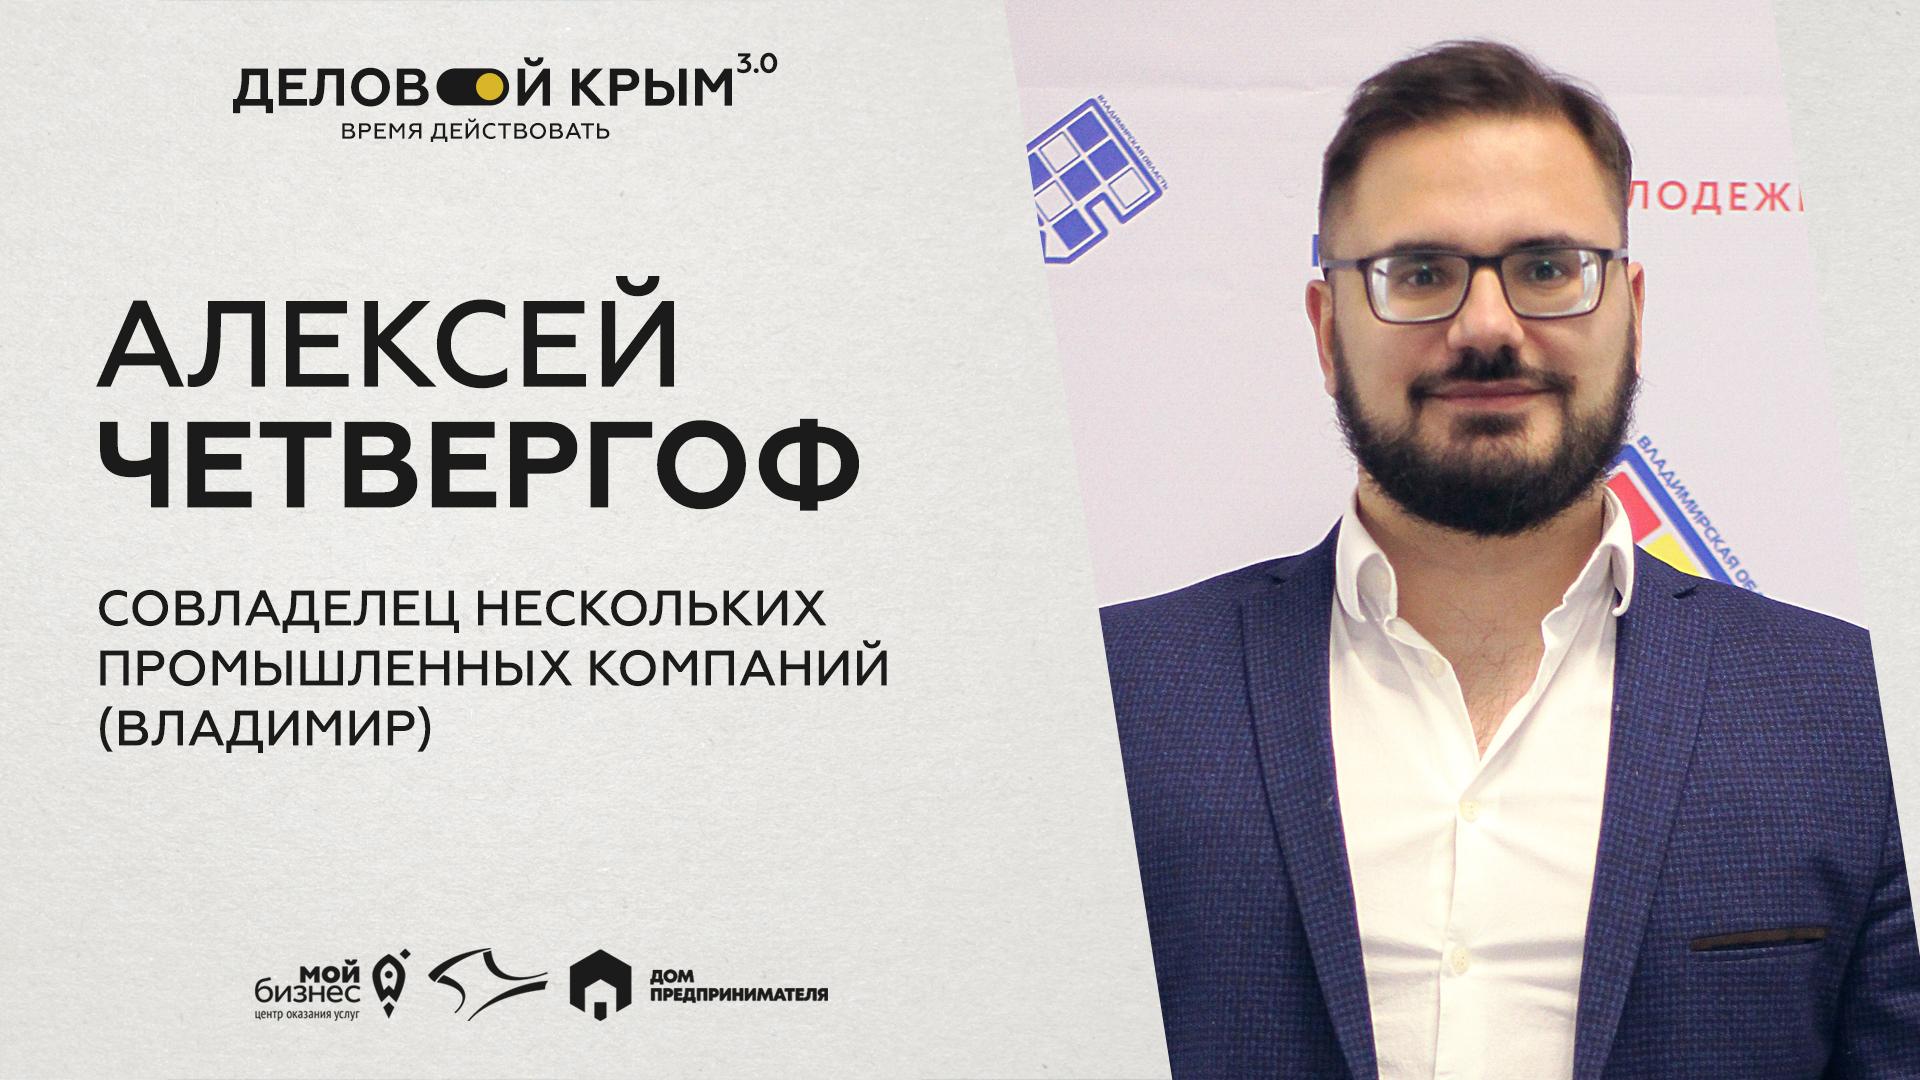 Алексей Четвергоф спикер форума деловой крым